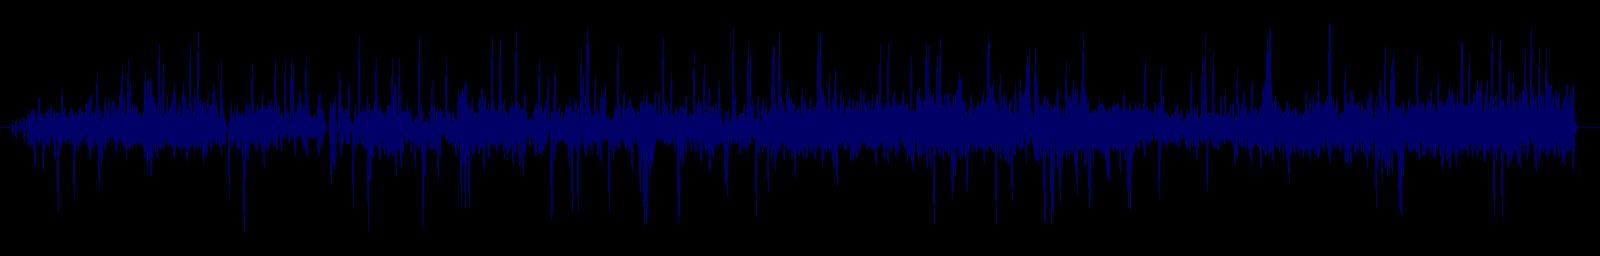 waveform of track #128433